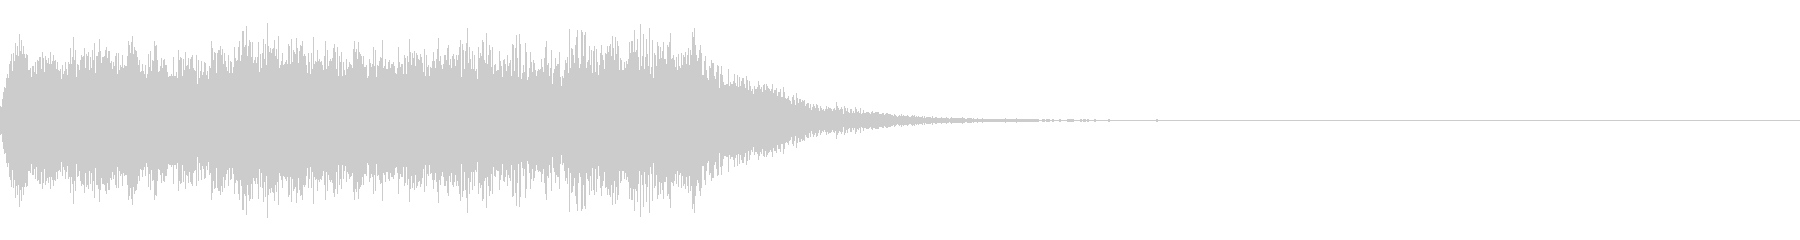 オープニング等で使える優雅なジングル1の未再生の波形